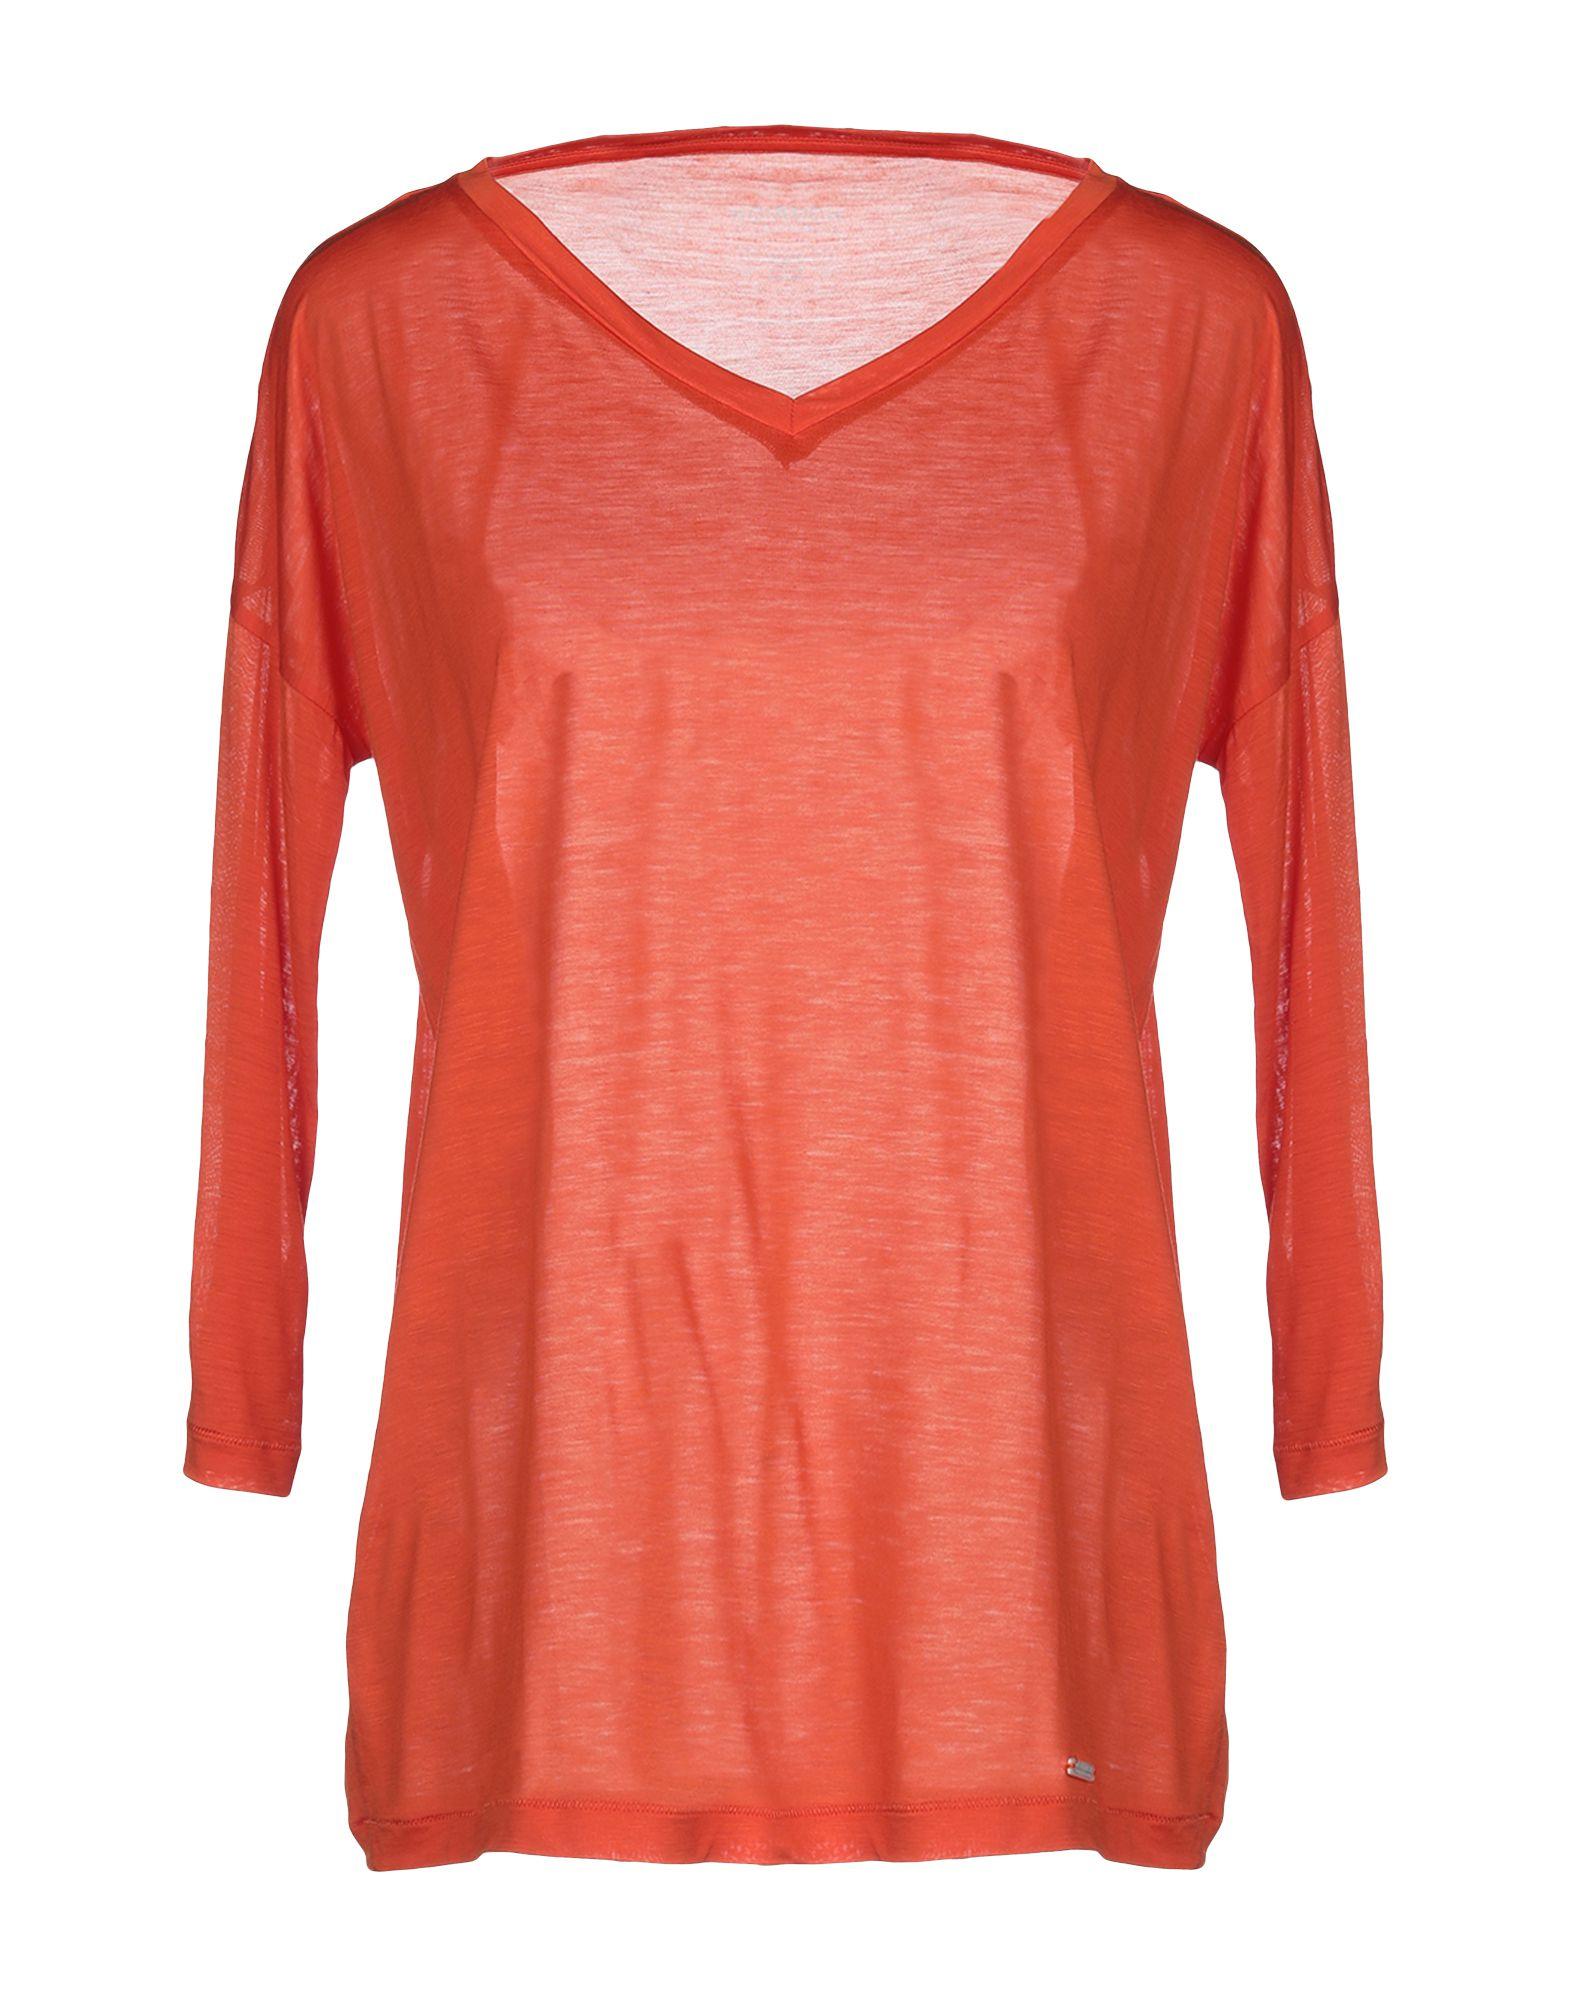 《送料無料》WOOLRICH レディース T シャツ オレンジ XS テンセル 100%